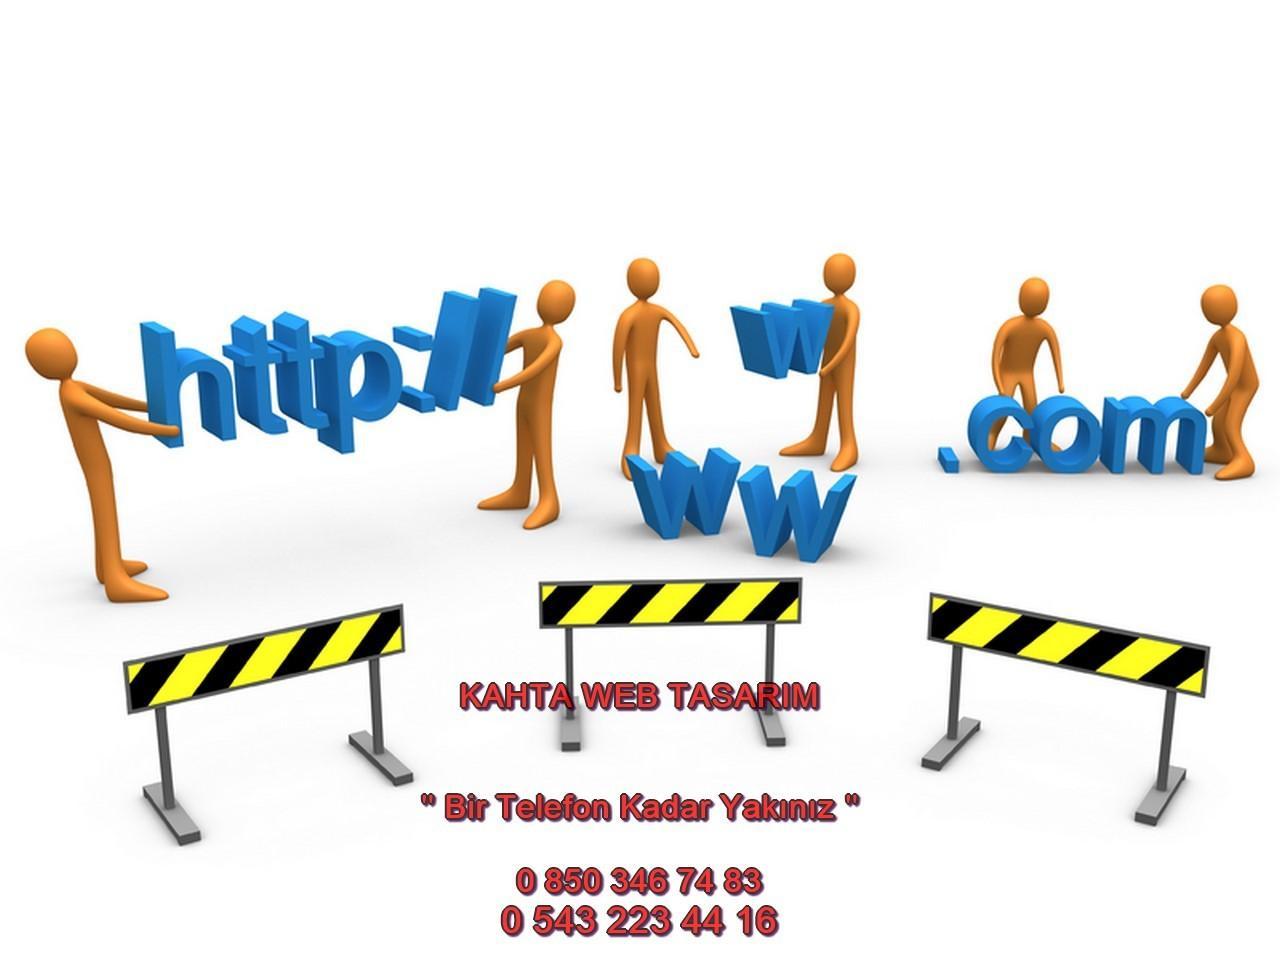 Kahta Web Tasarım